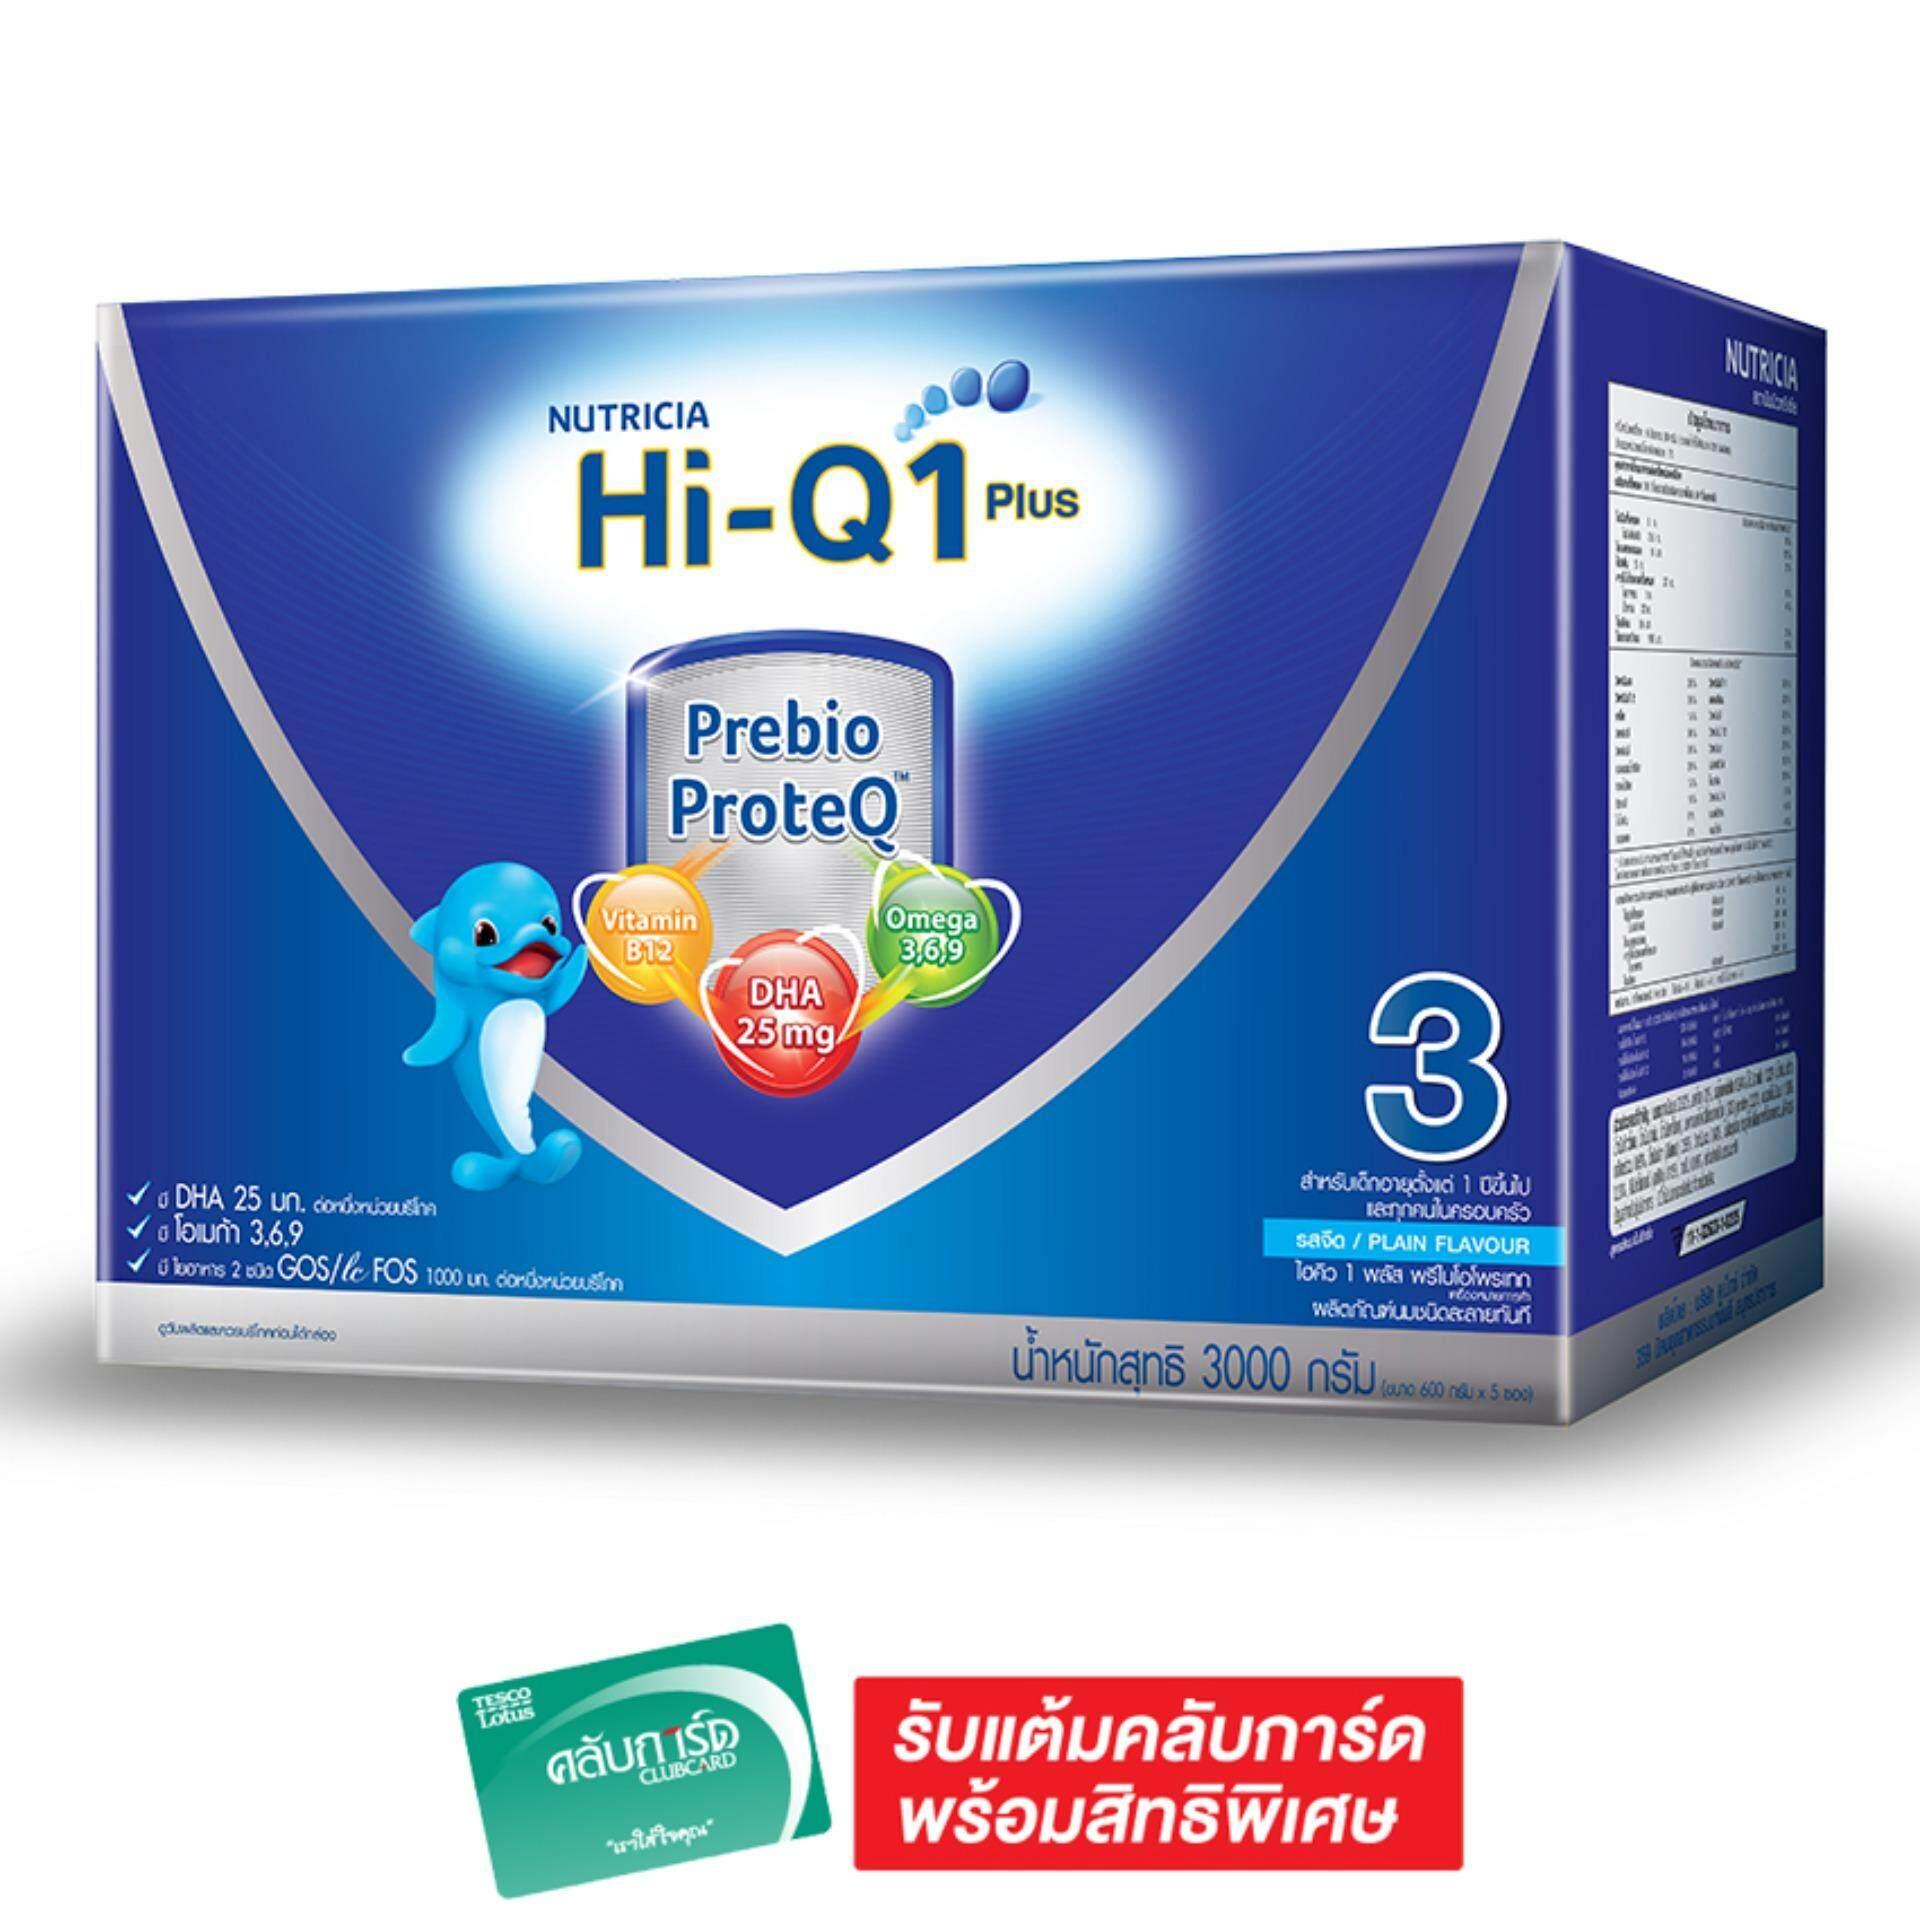 ซื้อ Hi Qไฮคิว นมผง1พลัส พรีไบโอโพรเทค ช่วงวัยที่ 3 รสจืด3000กรัม ถูก กรุงเทพมหานคร